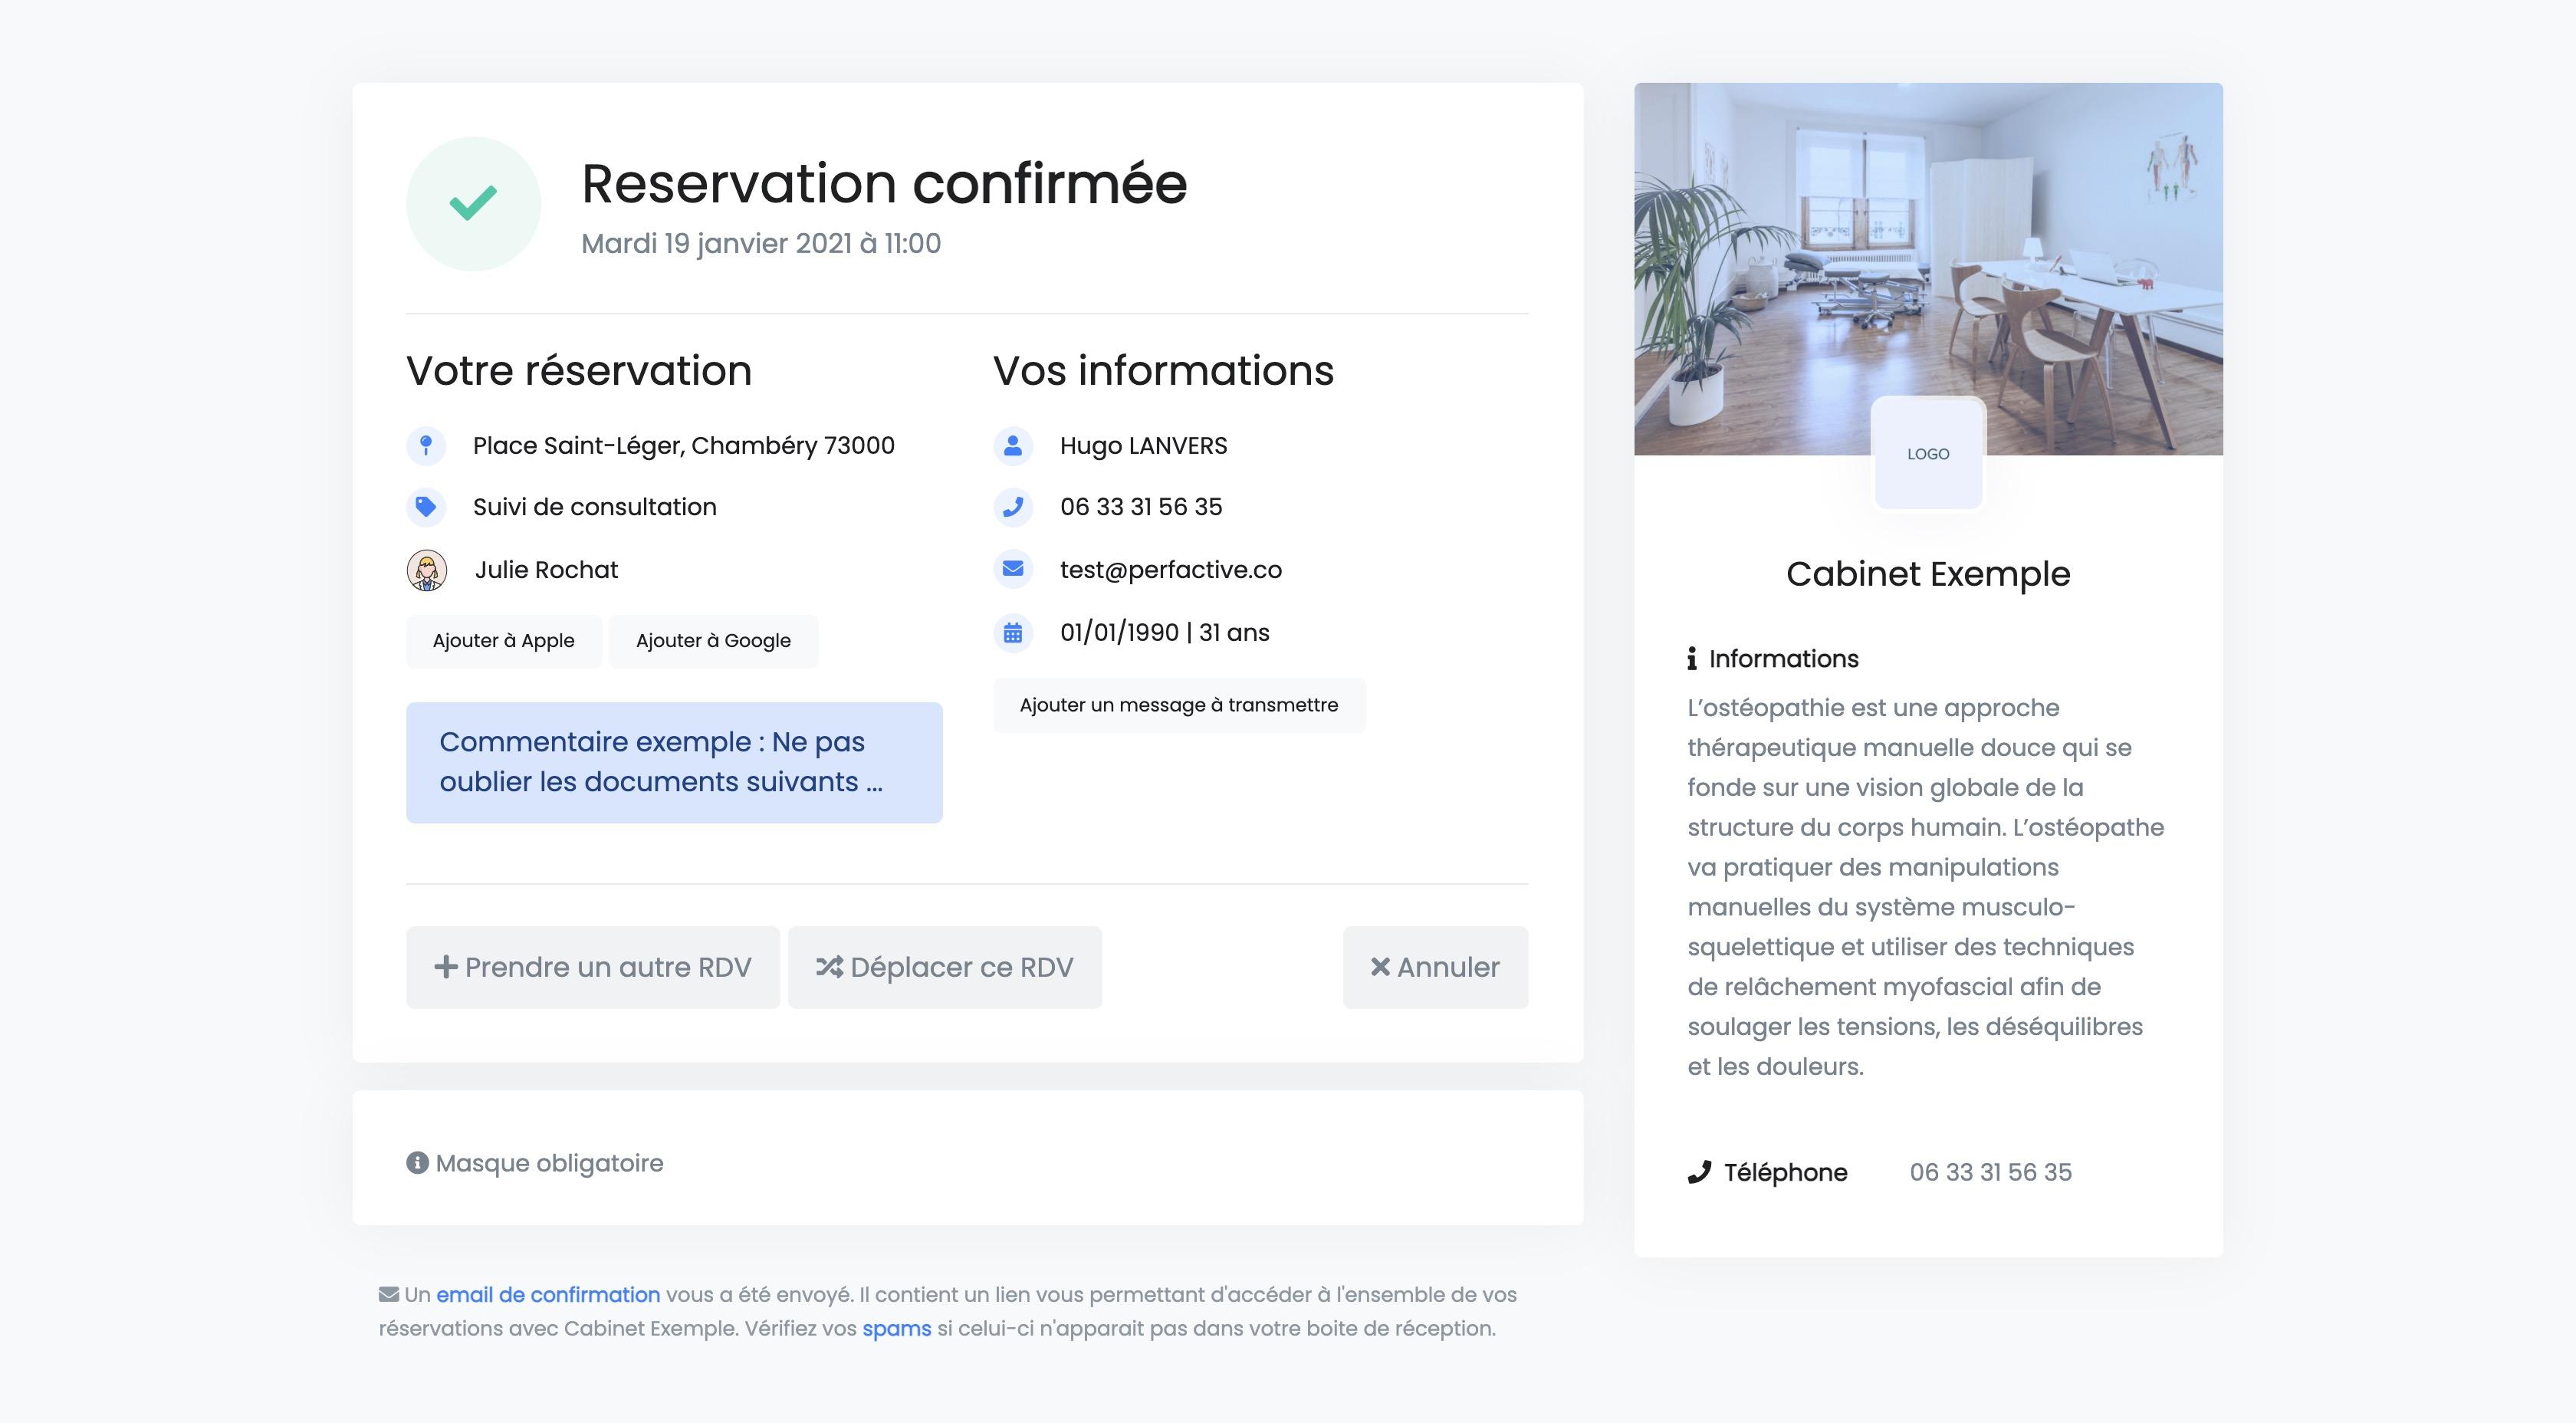 Réservation en ligne | Confirmation | PERF'RDV